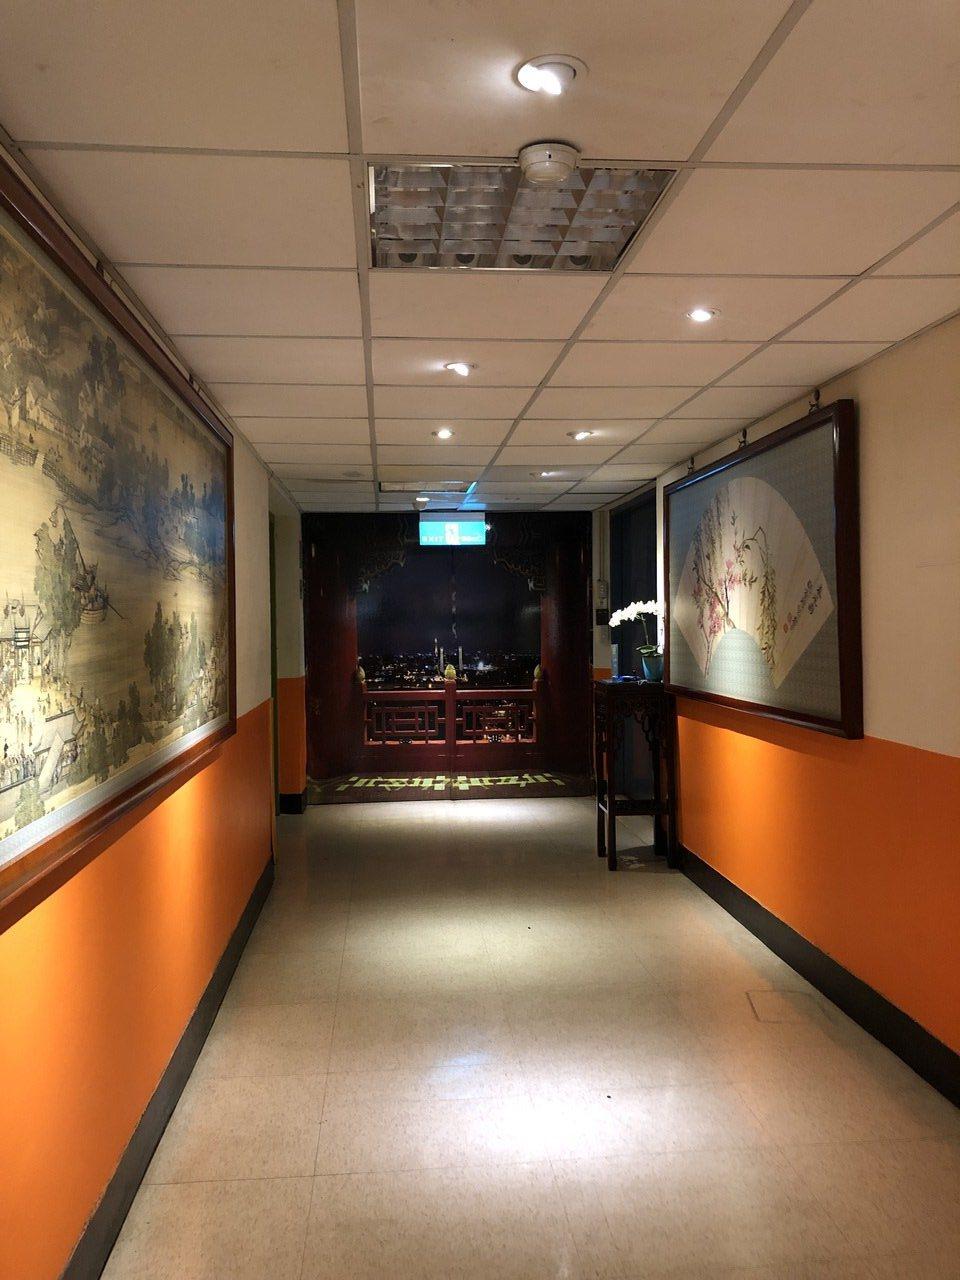 圓山飯店元首撤退秘道的入口,藏在飯店深處,必須拐幾個彎,按下密碼才能把通道門打開...